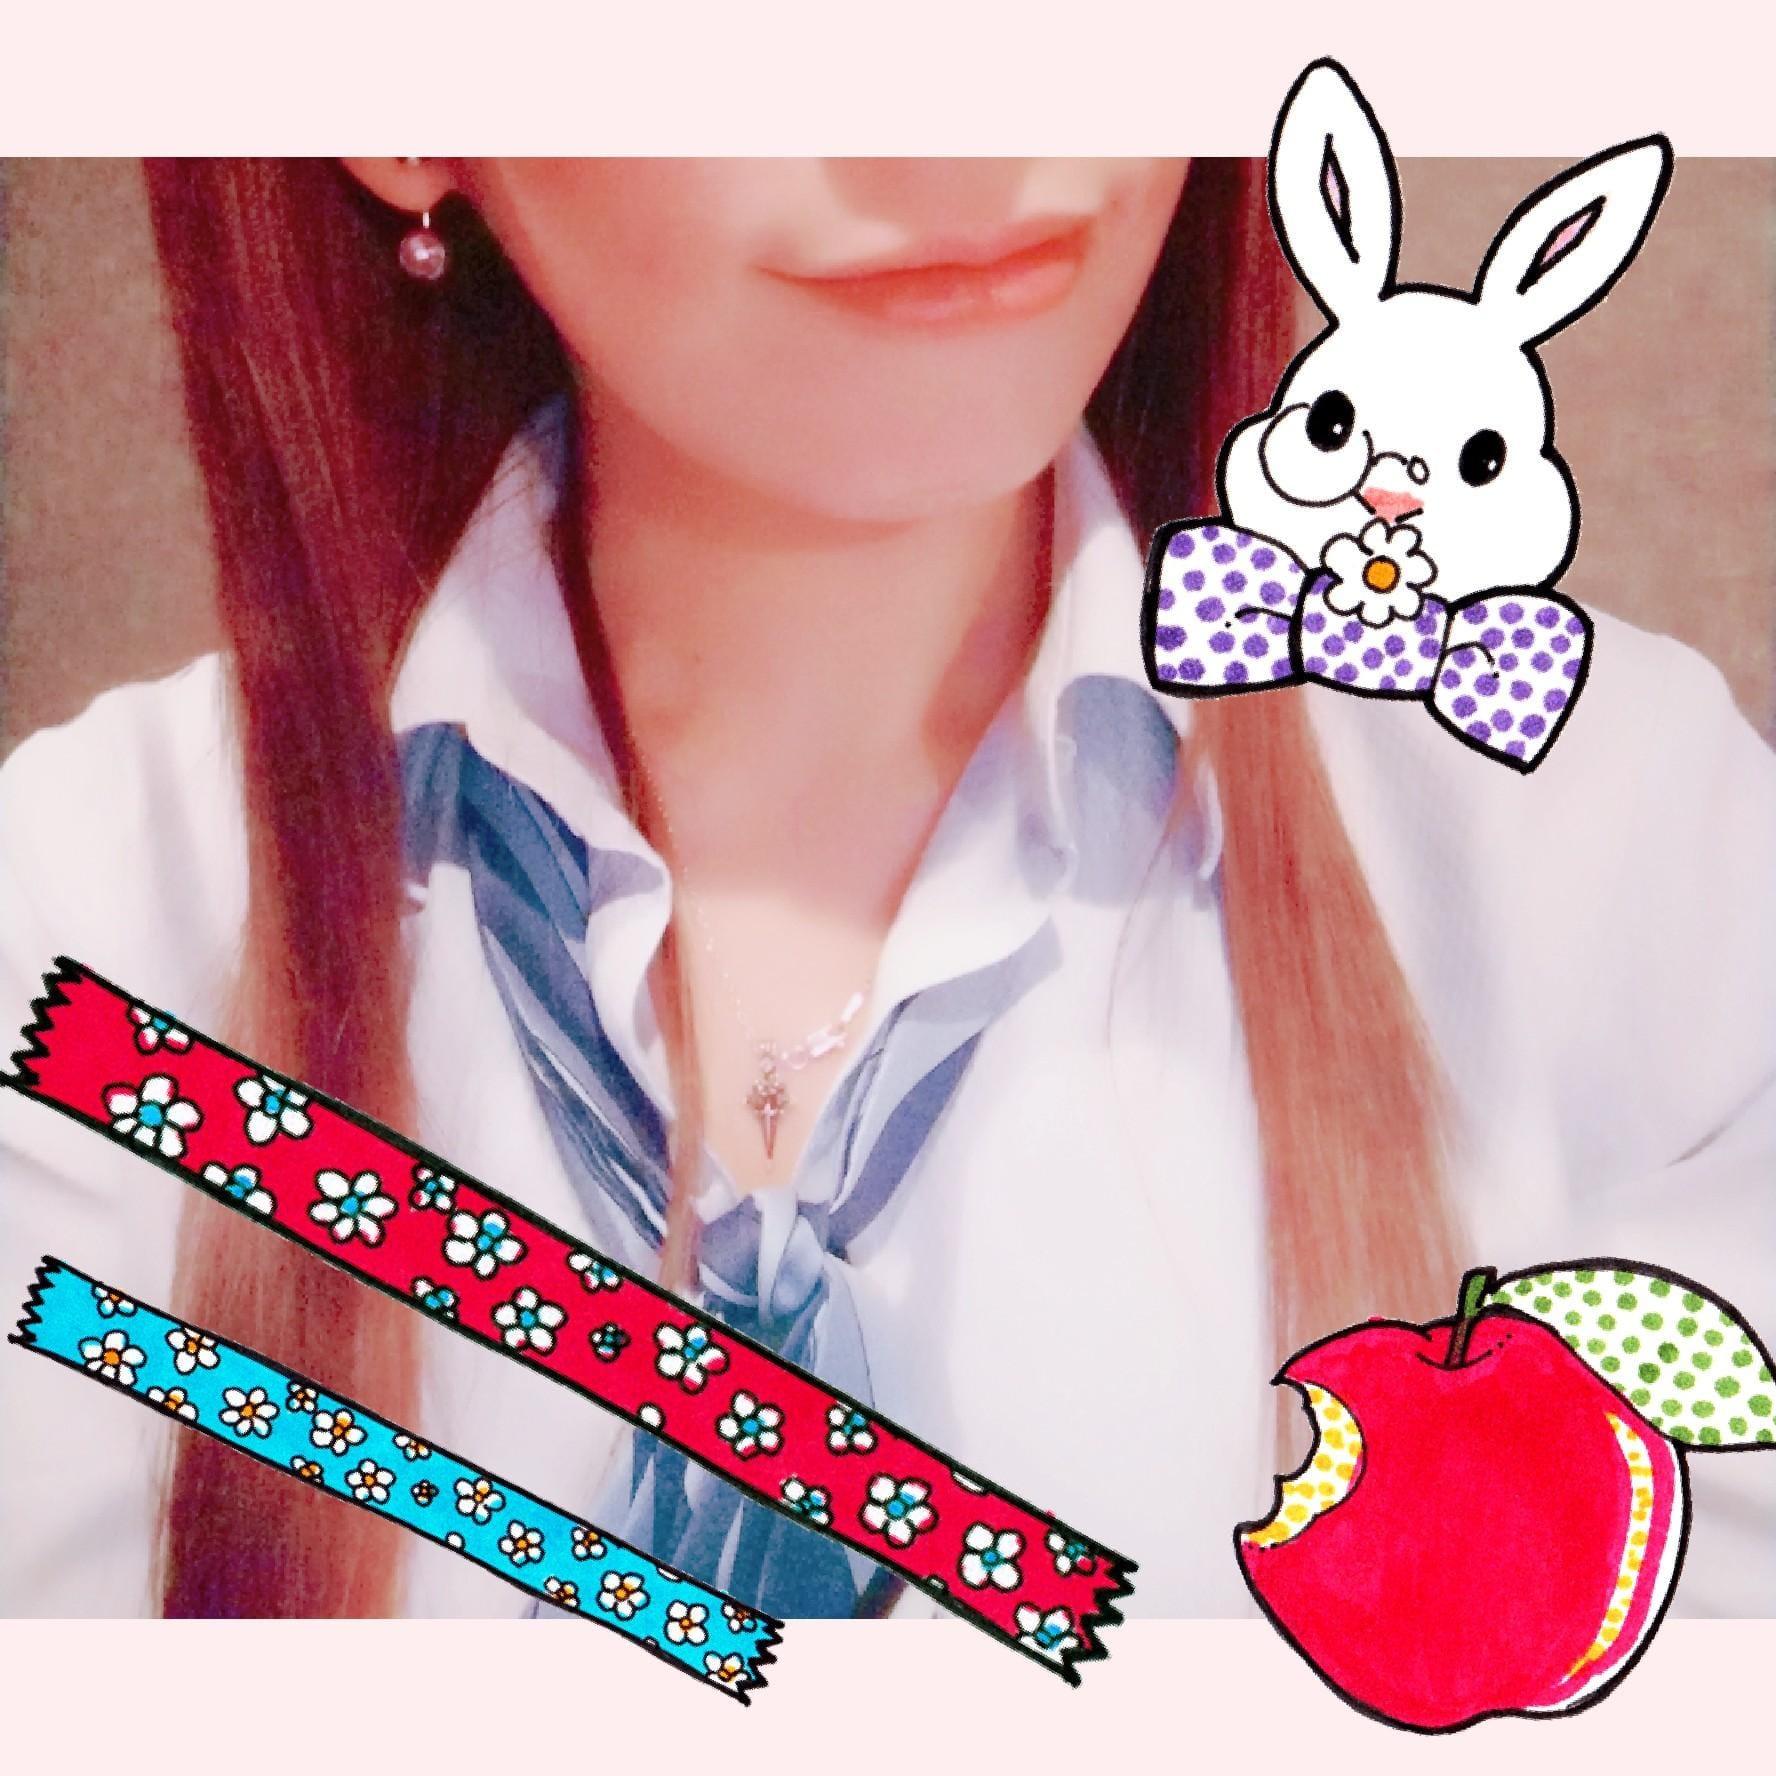 「☆日曜日☆」12/09(12/09) 05:34 | 夜NO2 ゆうの写メ・風俗動画